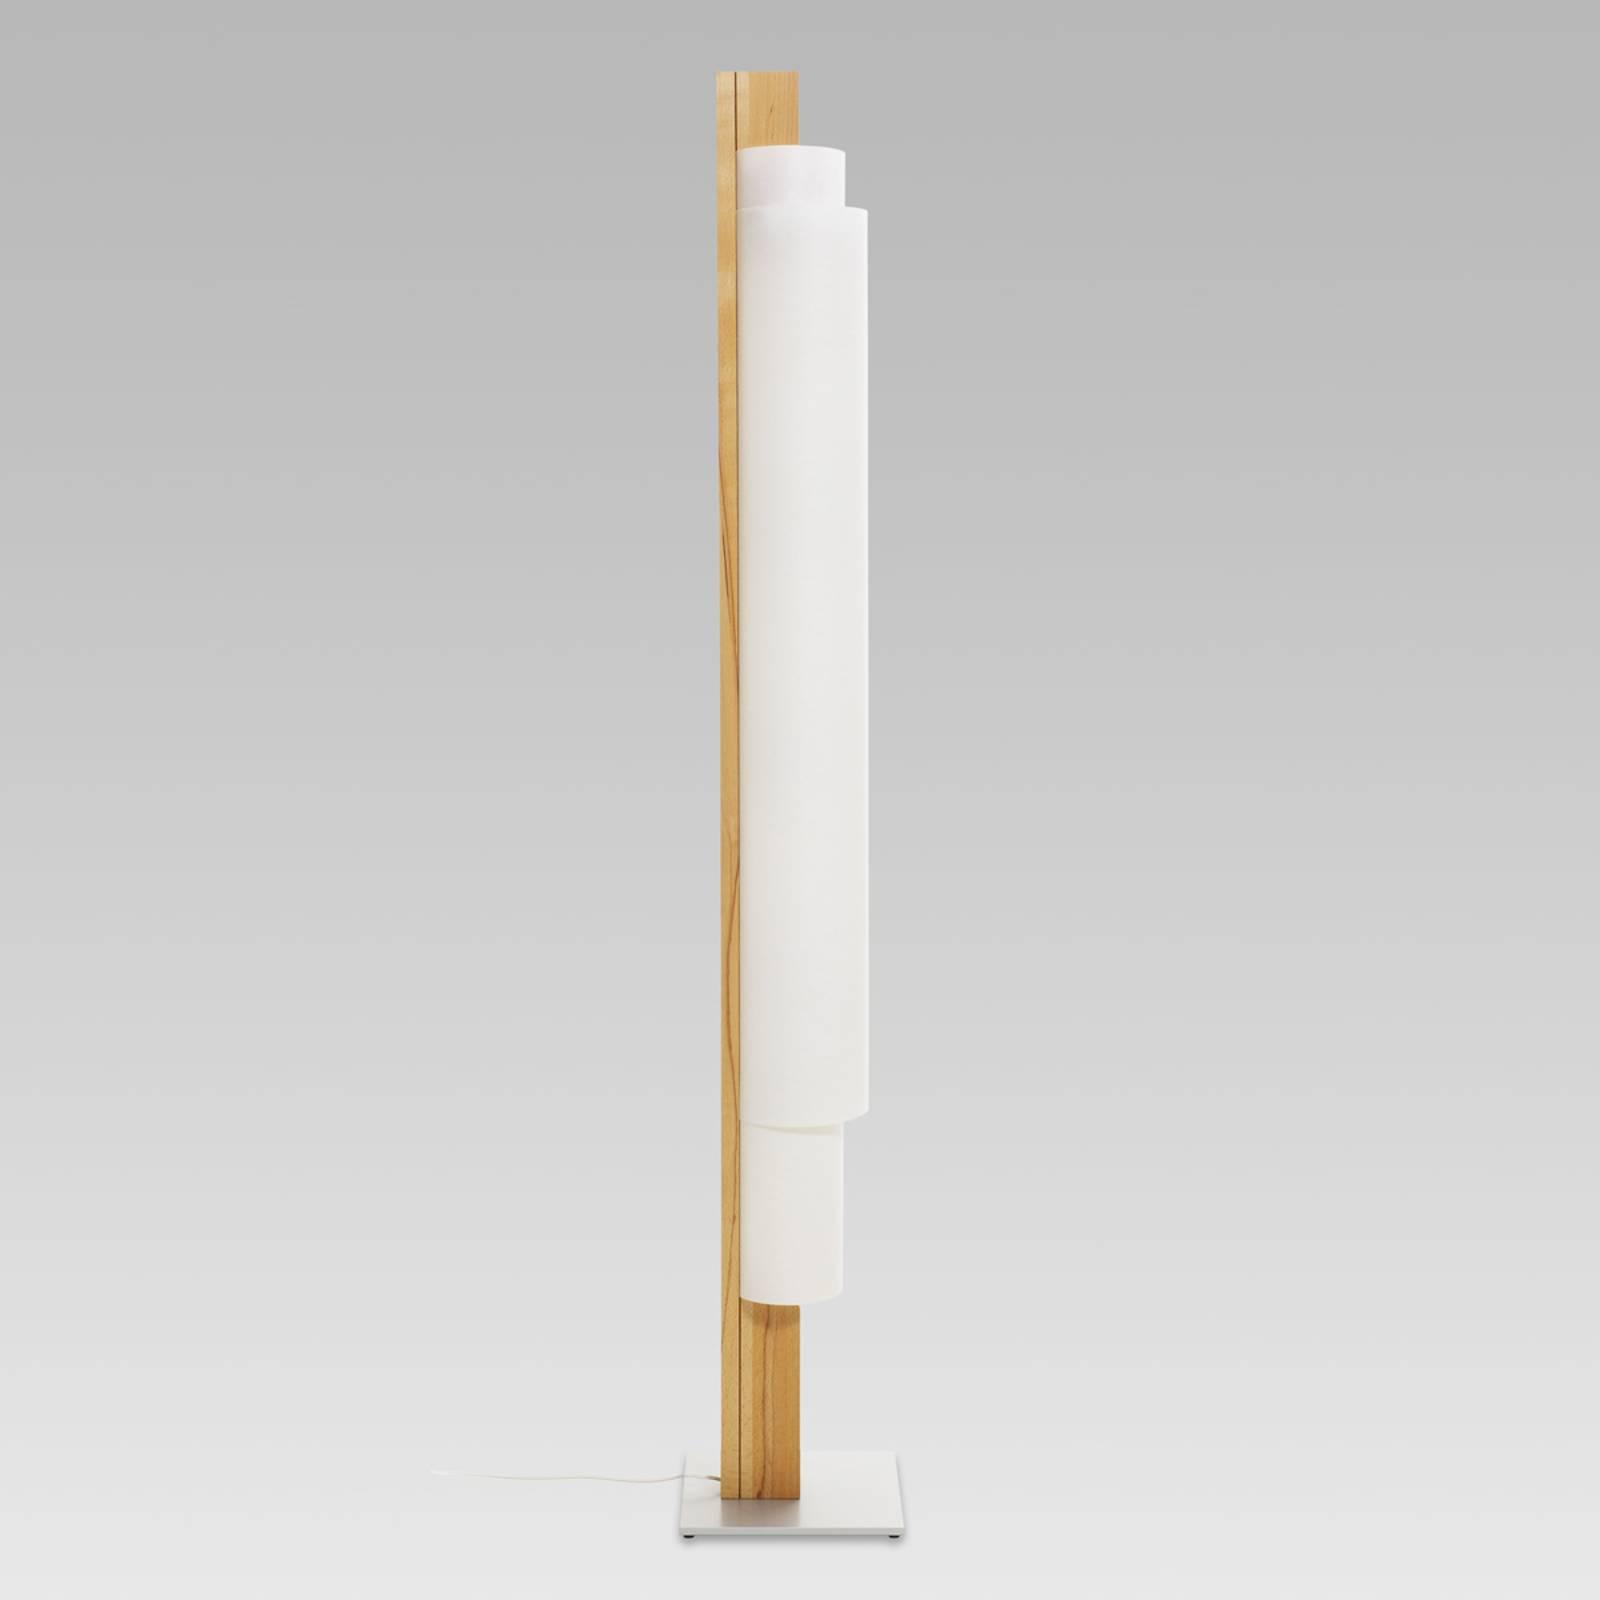 STELE - lampa stojąca LED z buka twardzielowego